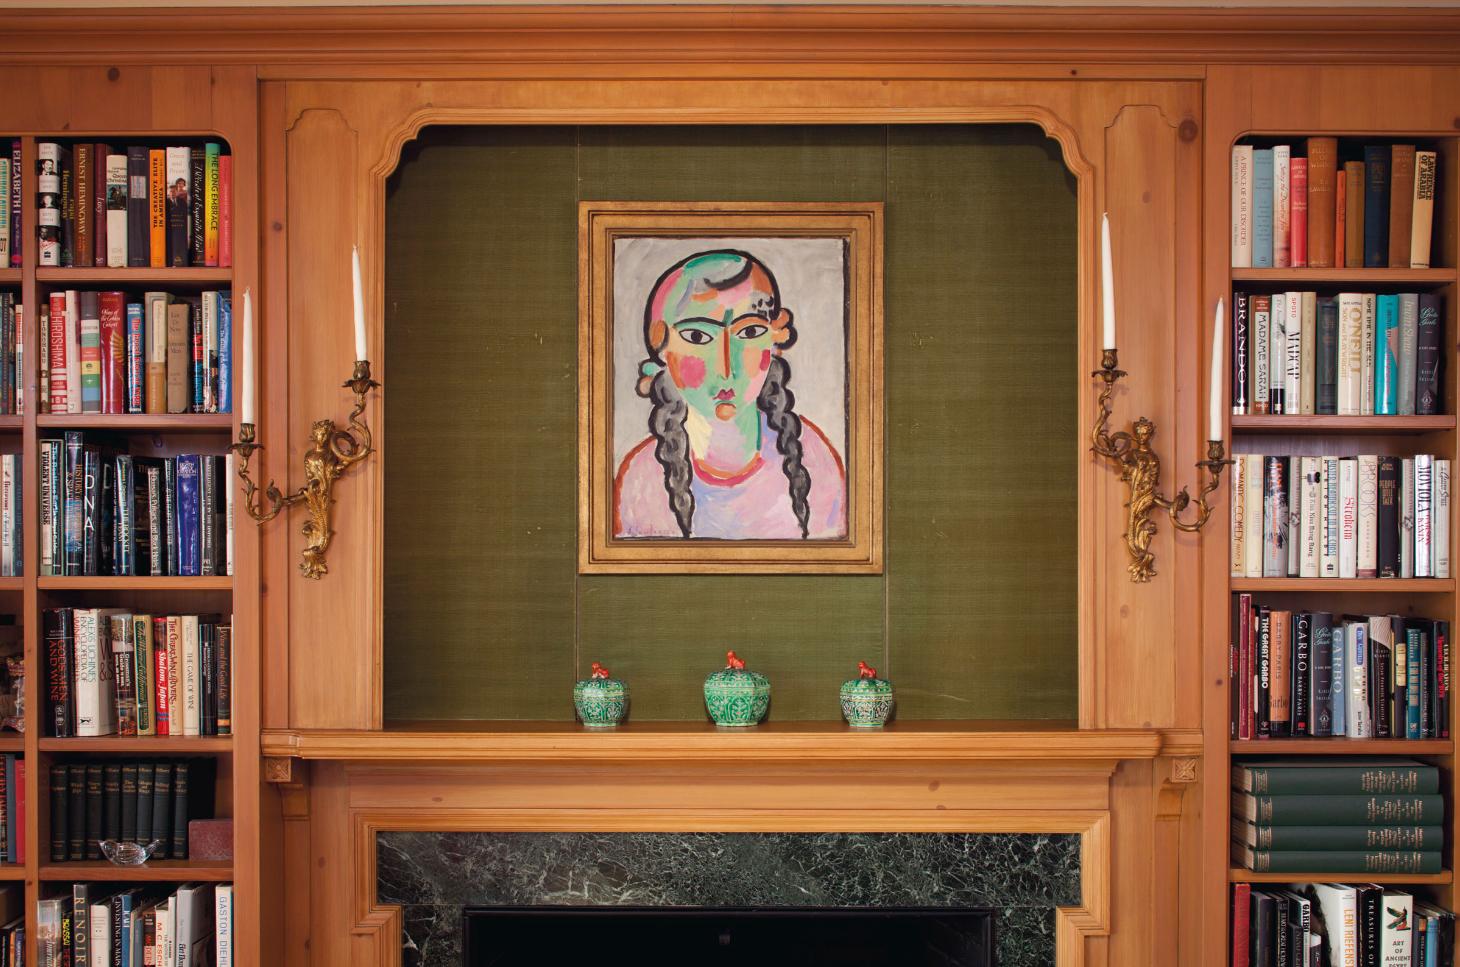 «Бледная девушка с серыми косами» Алексея фон Явленского в нью-йоркских апартаментах Греты Гарбо